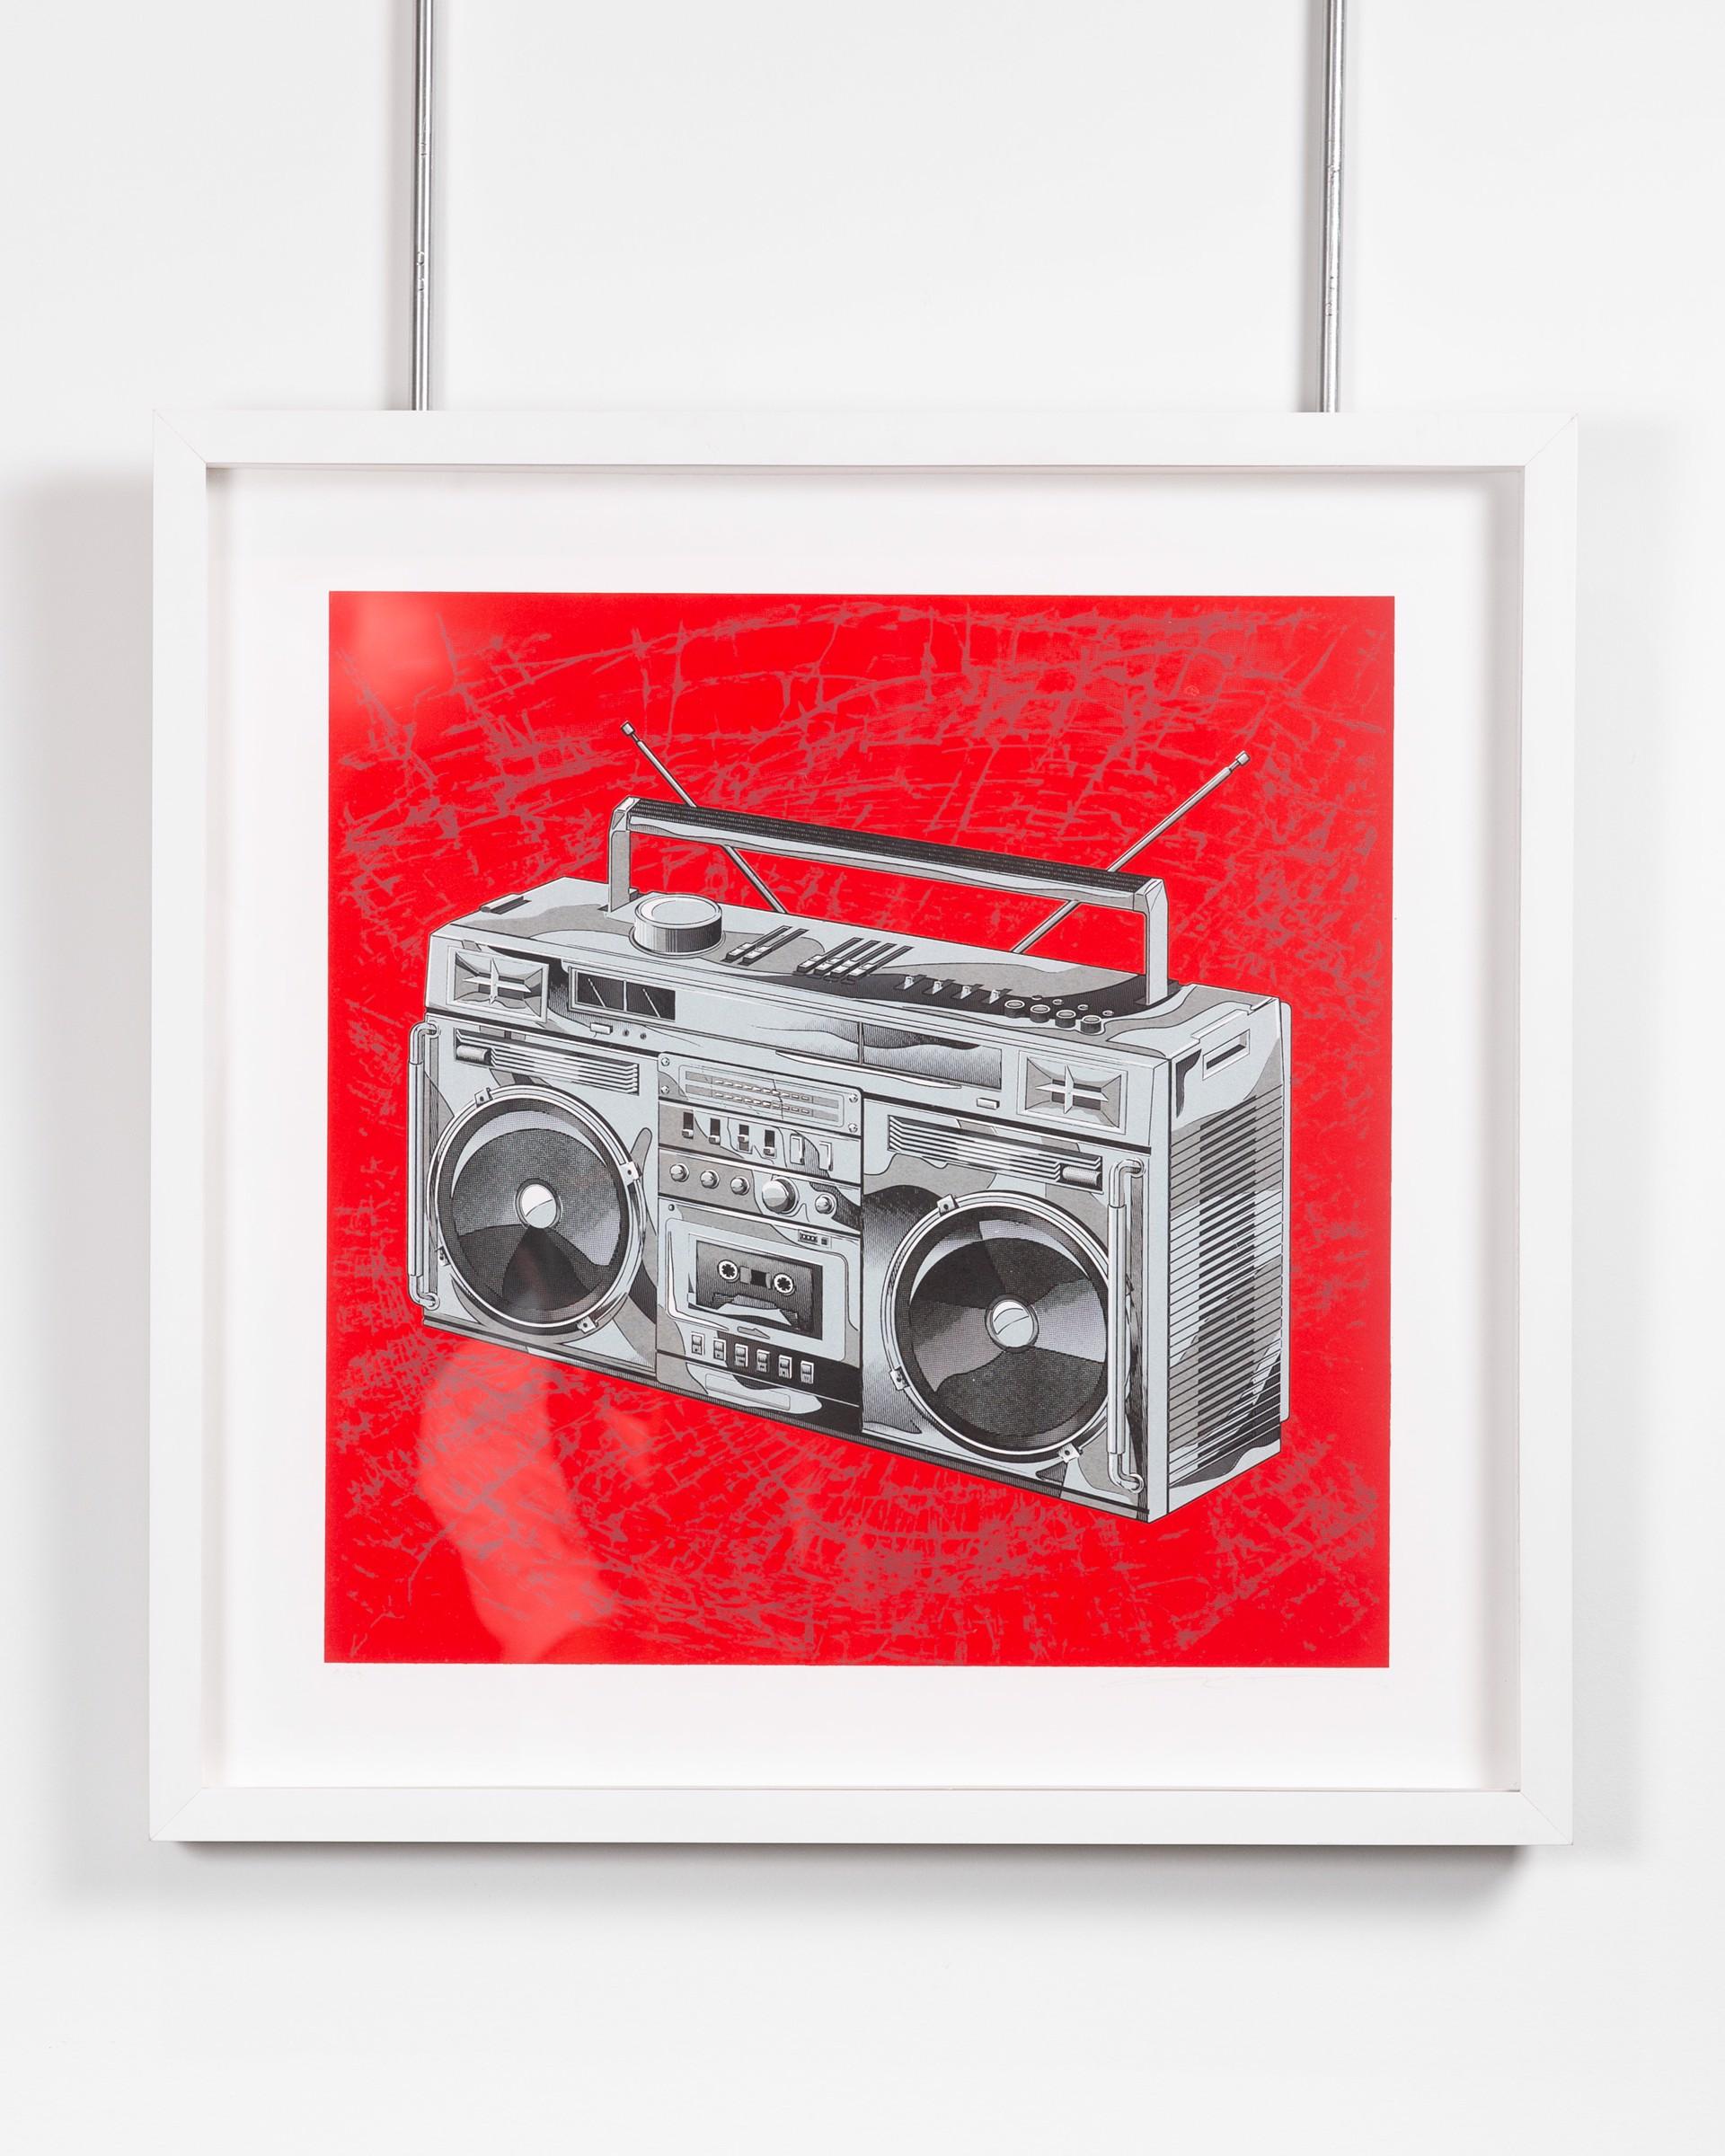 Firecracker Red Box by Lyle Owerko